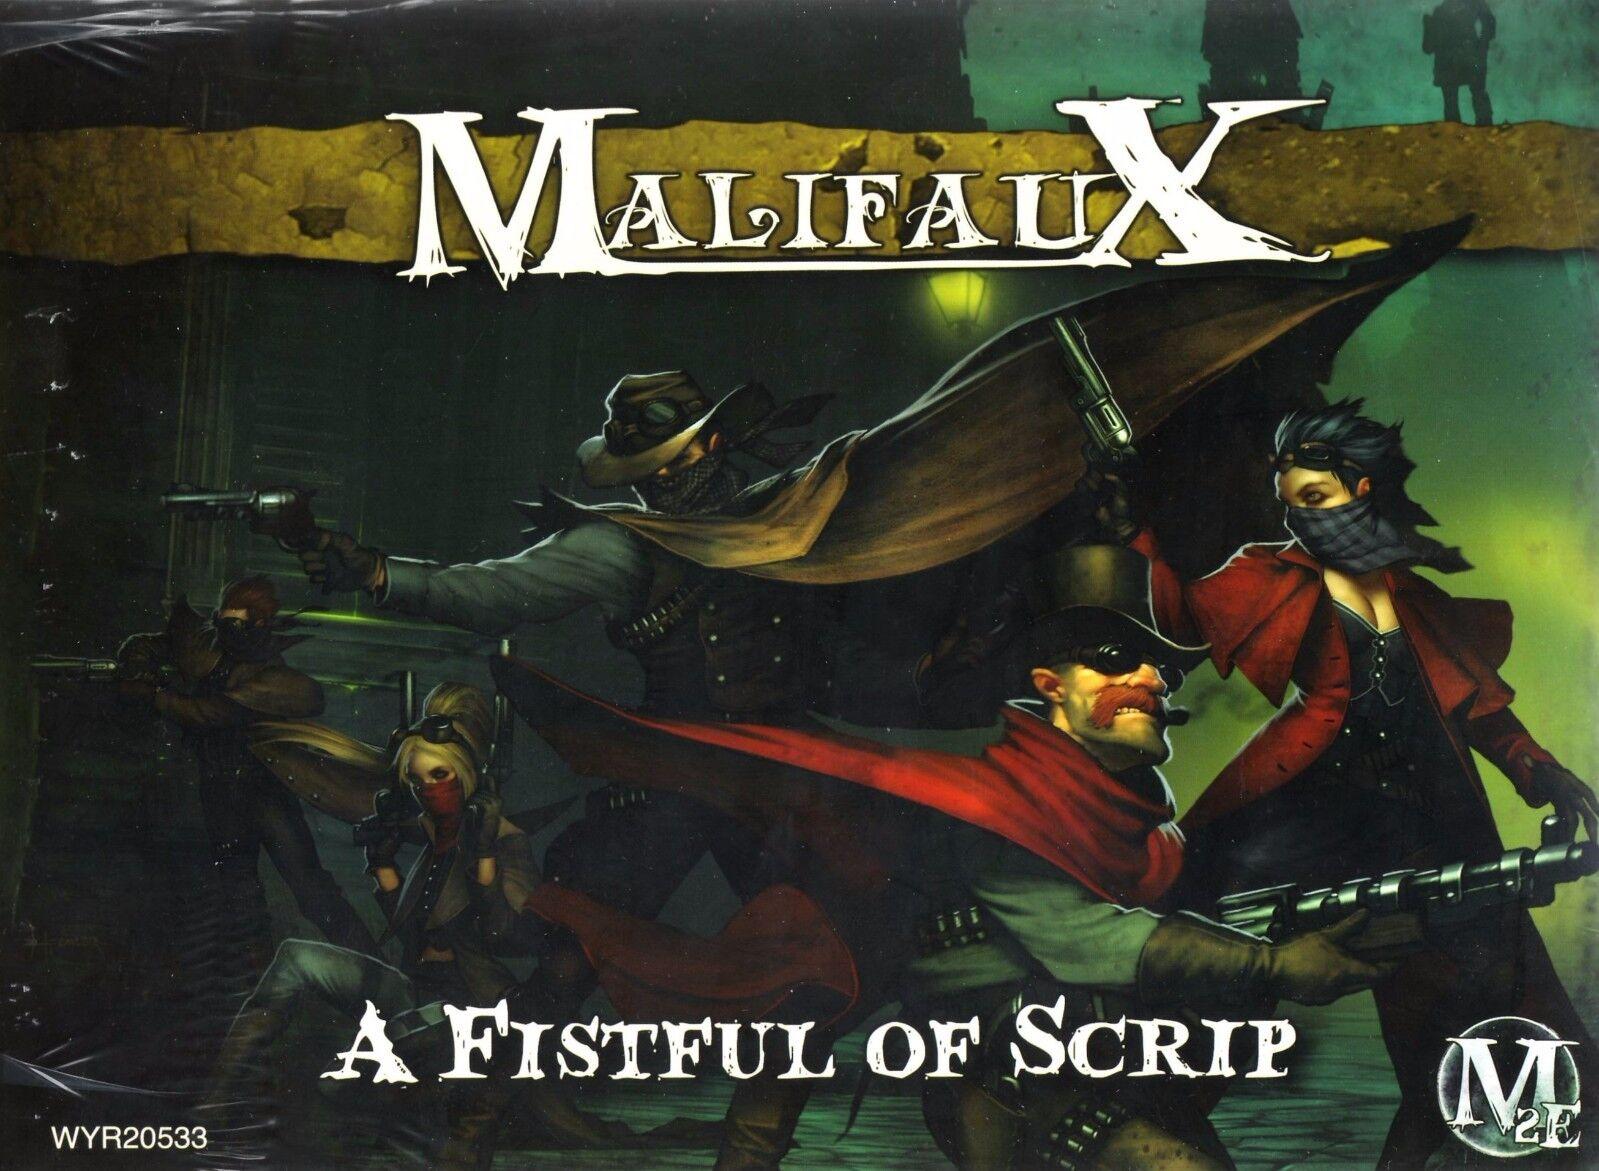 MALIFAUX A Fistful of Scrip WYR20533 nouveau FACTORY SEALED M2E   grand choix et livraison rapide